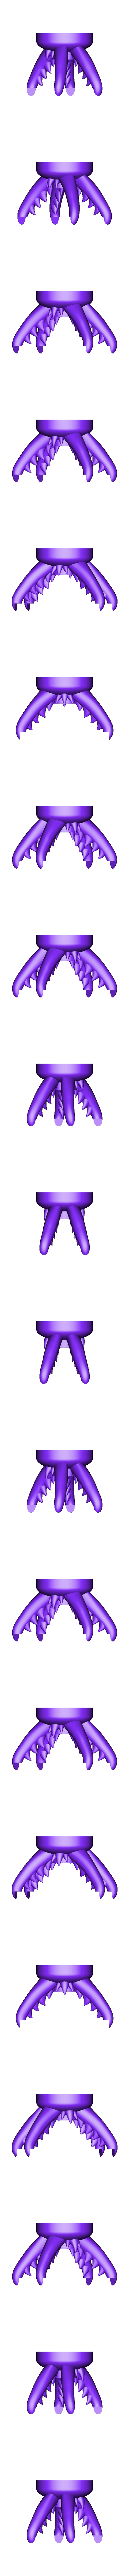 Support_Bottle_Saturn_-_Mono_X.stl Télécharger fichier STL gratuit Support Vide Bouteille ( No Supports ) • Plan pour impression 3D, BODY3D